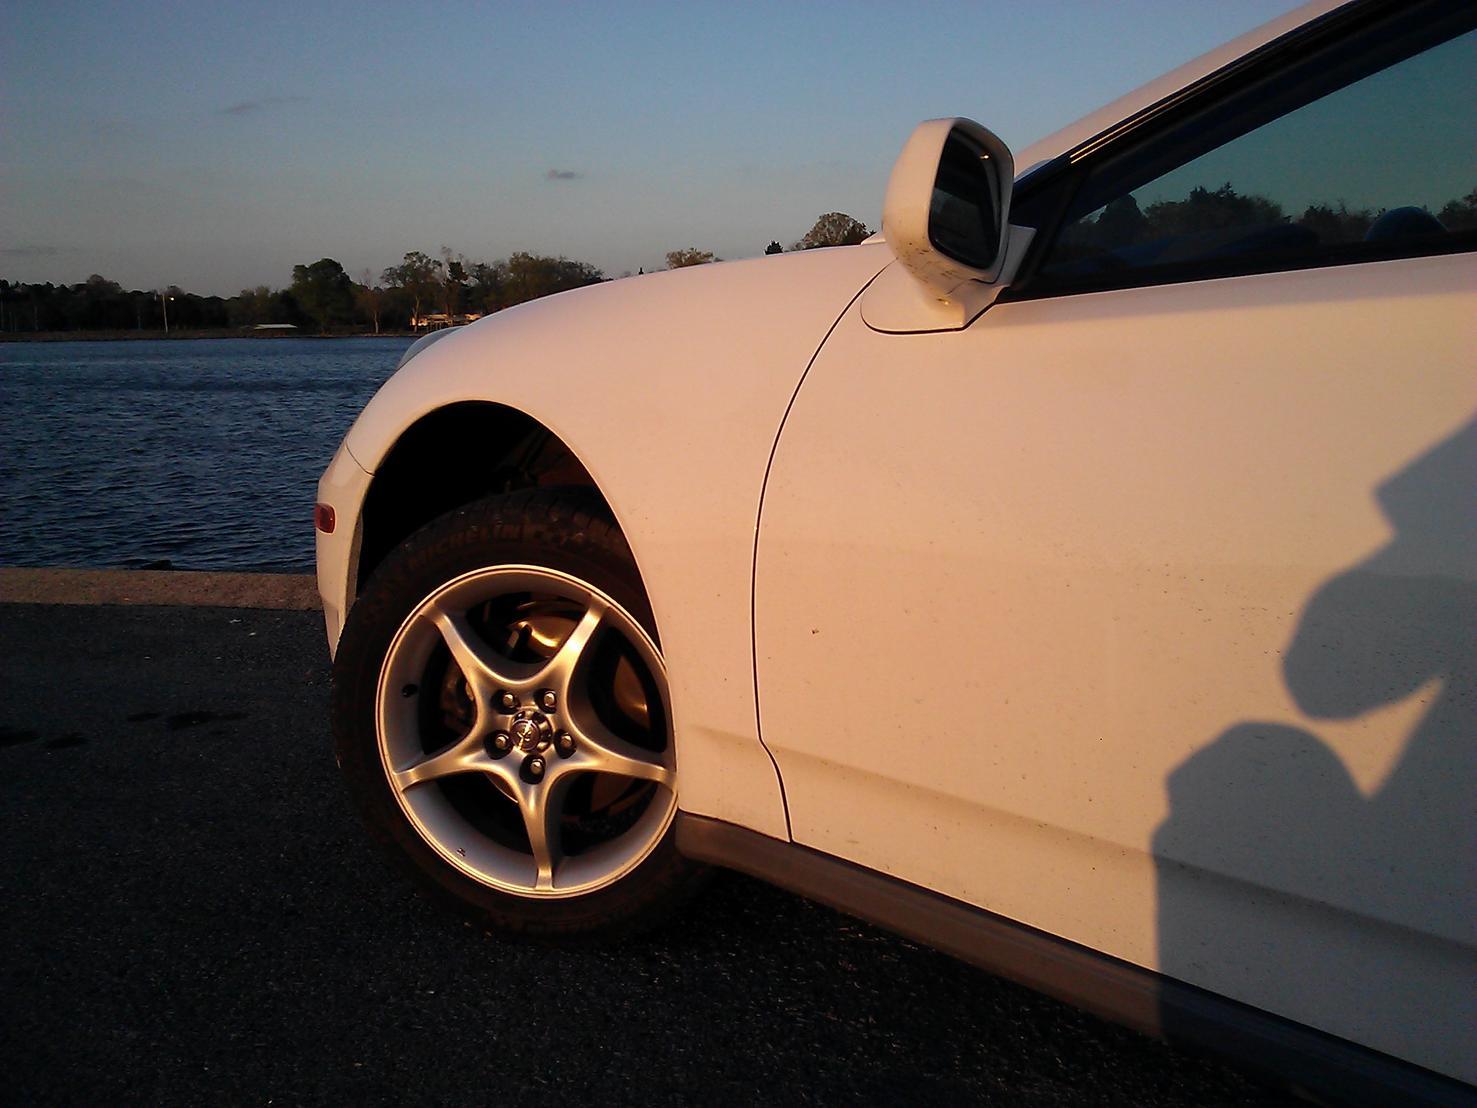 2000 Celica GT-S-2014-04-15-19-01-52-jpg